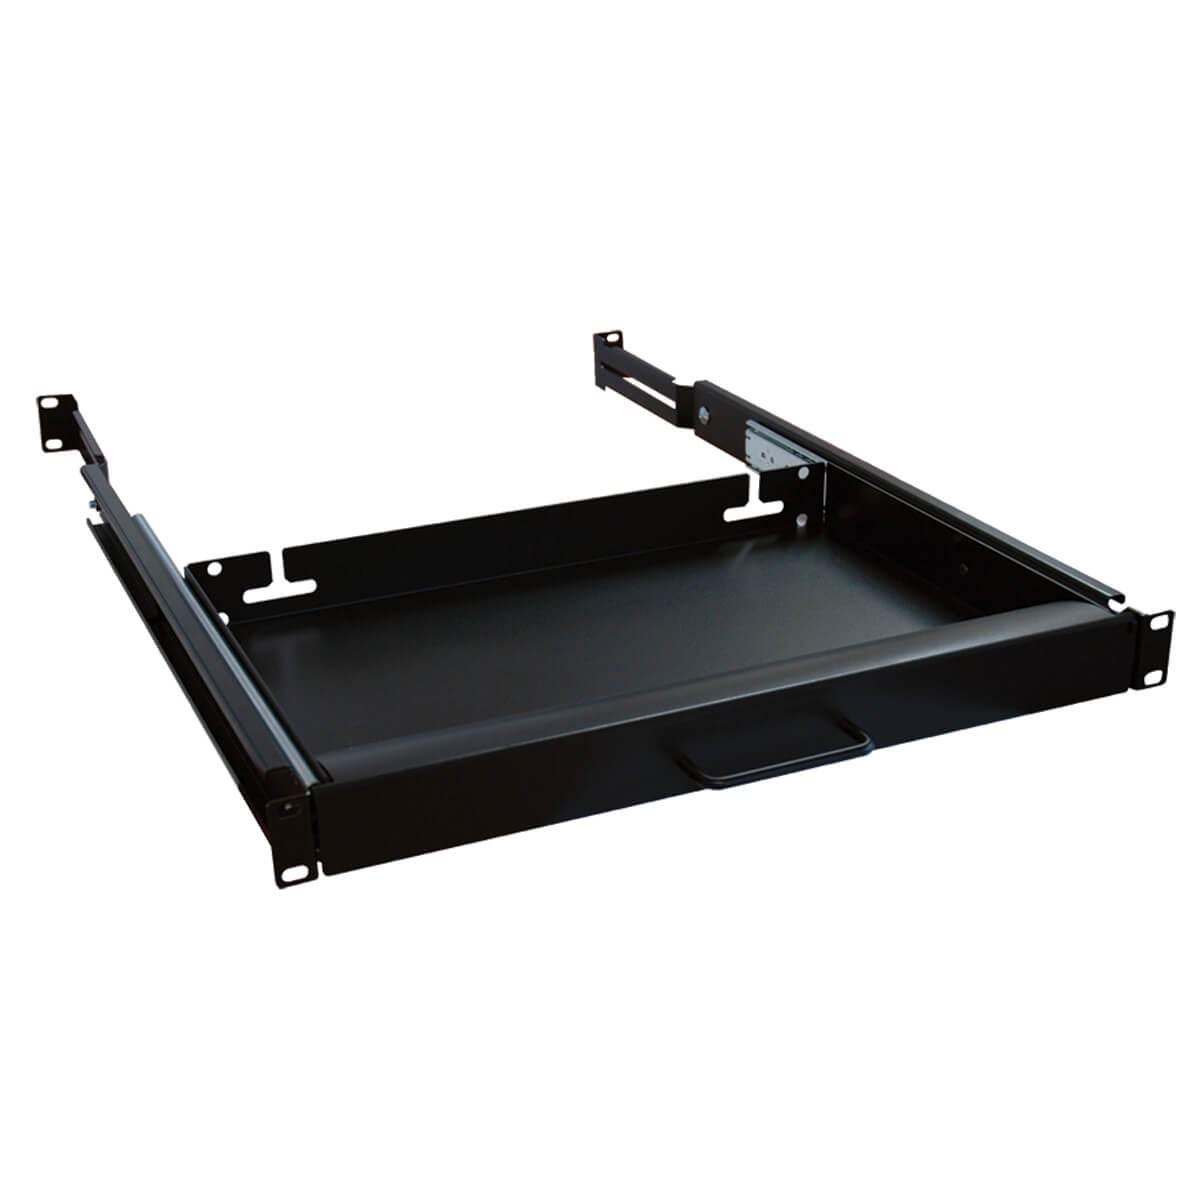 Tripp Lite SmartRack Keyboard Shelf SRSHELF4PKYBD